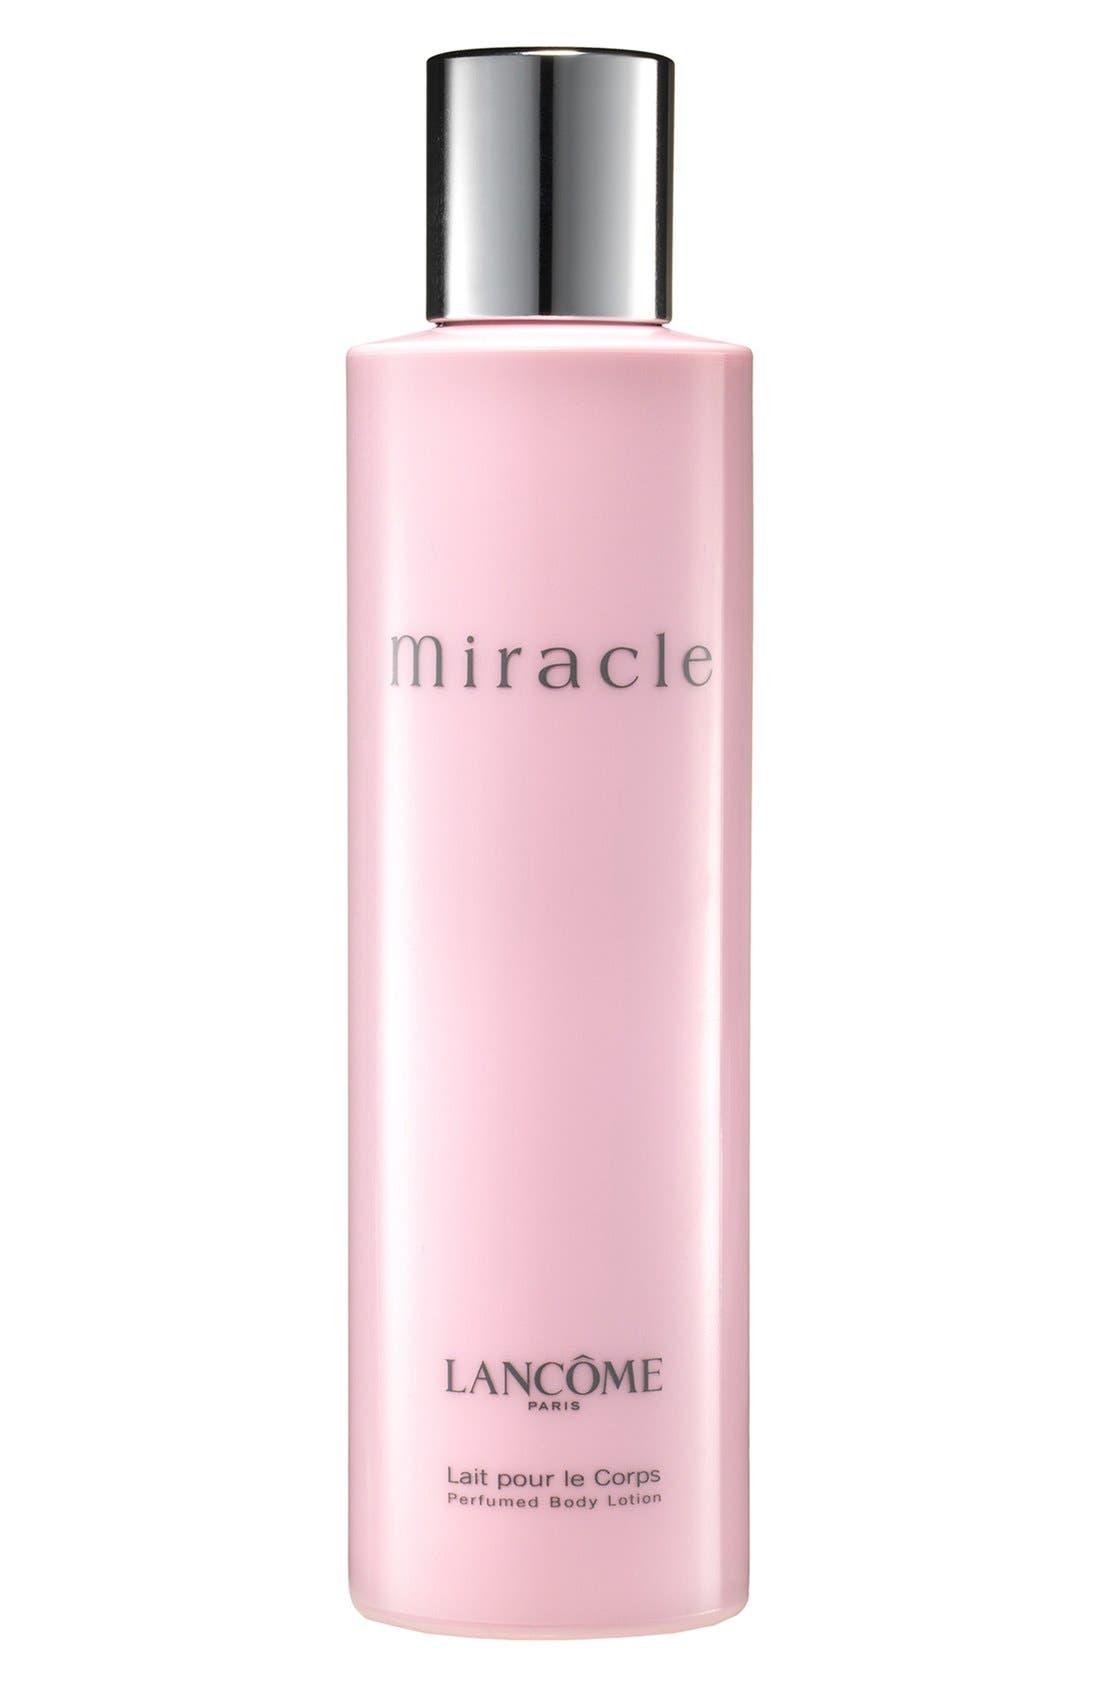 Lancôme 'Miracle' Body Lotion